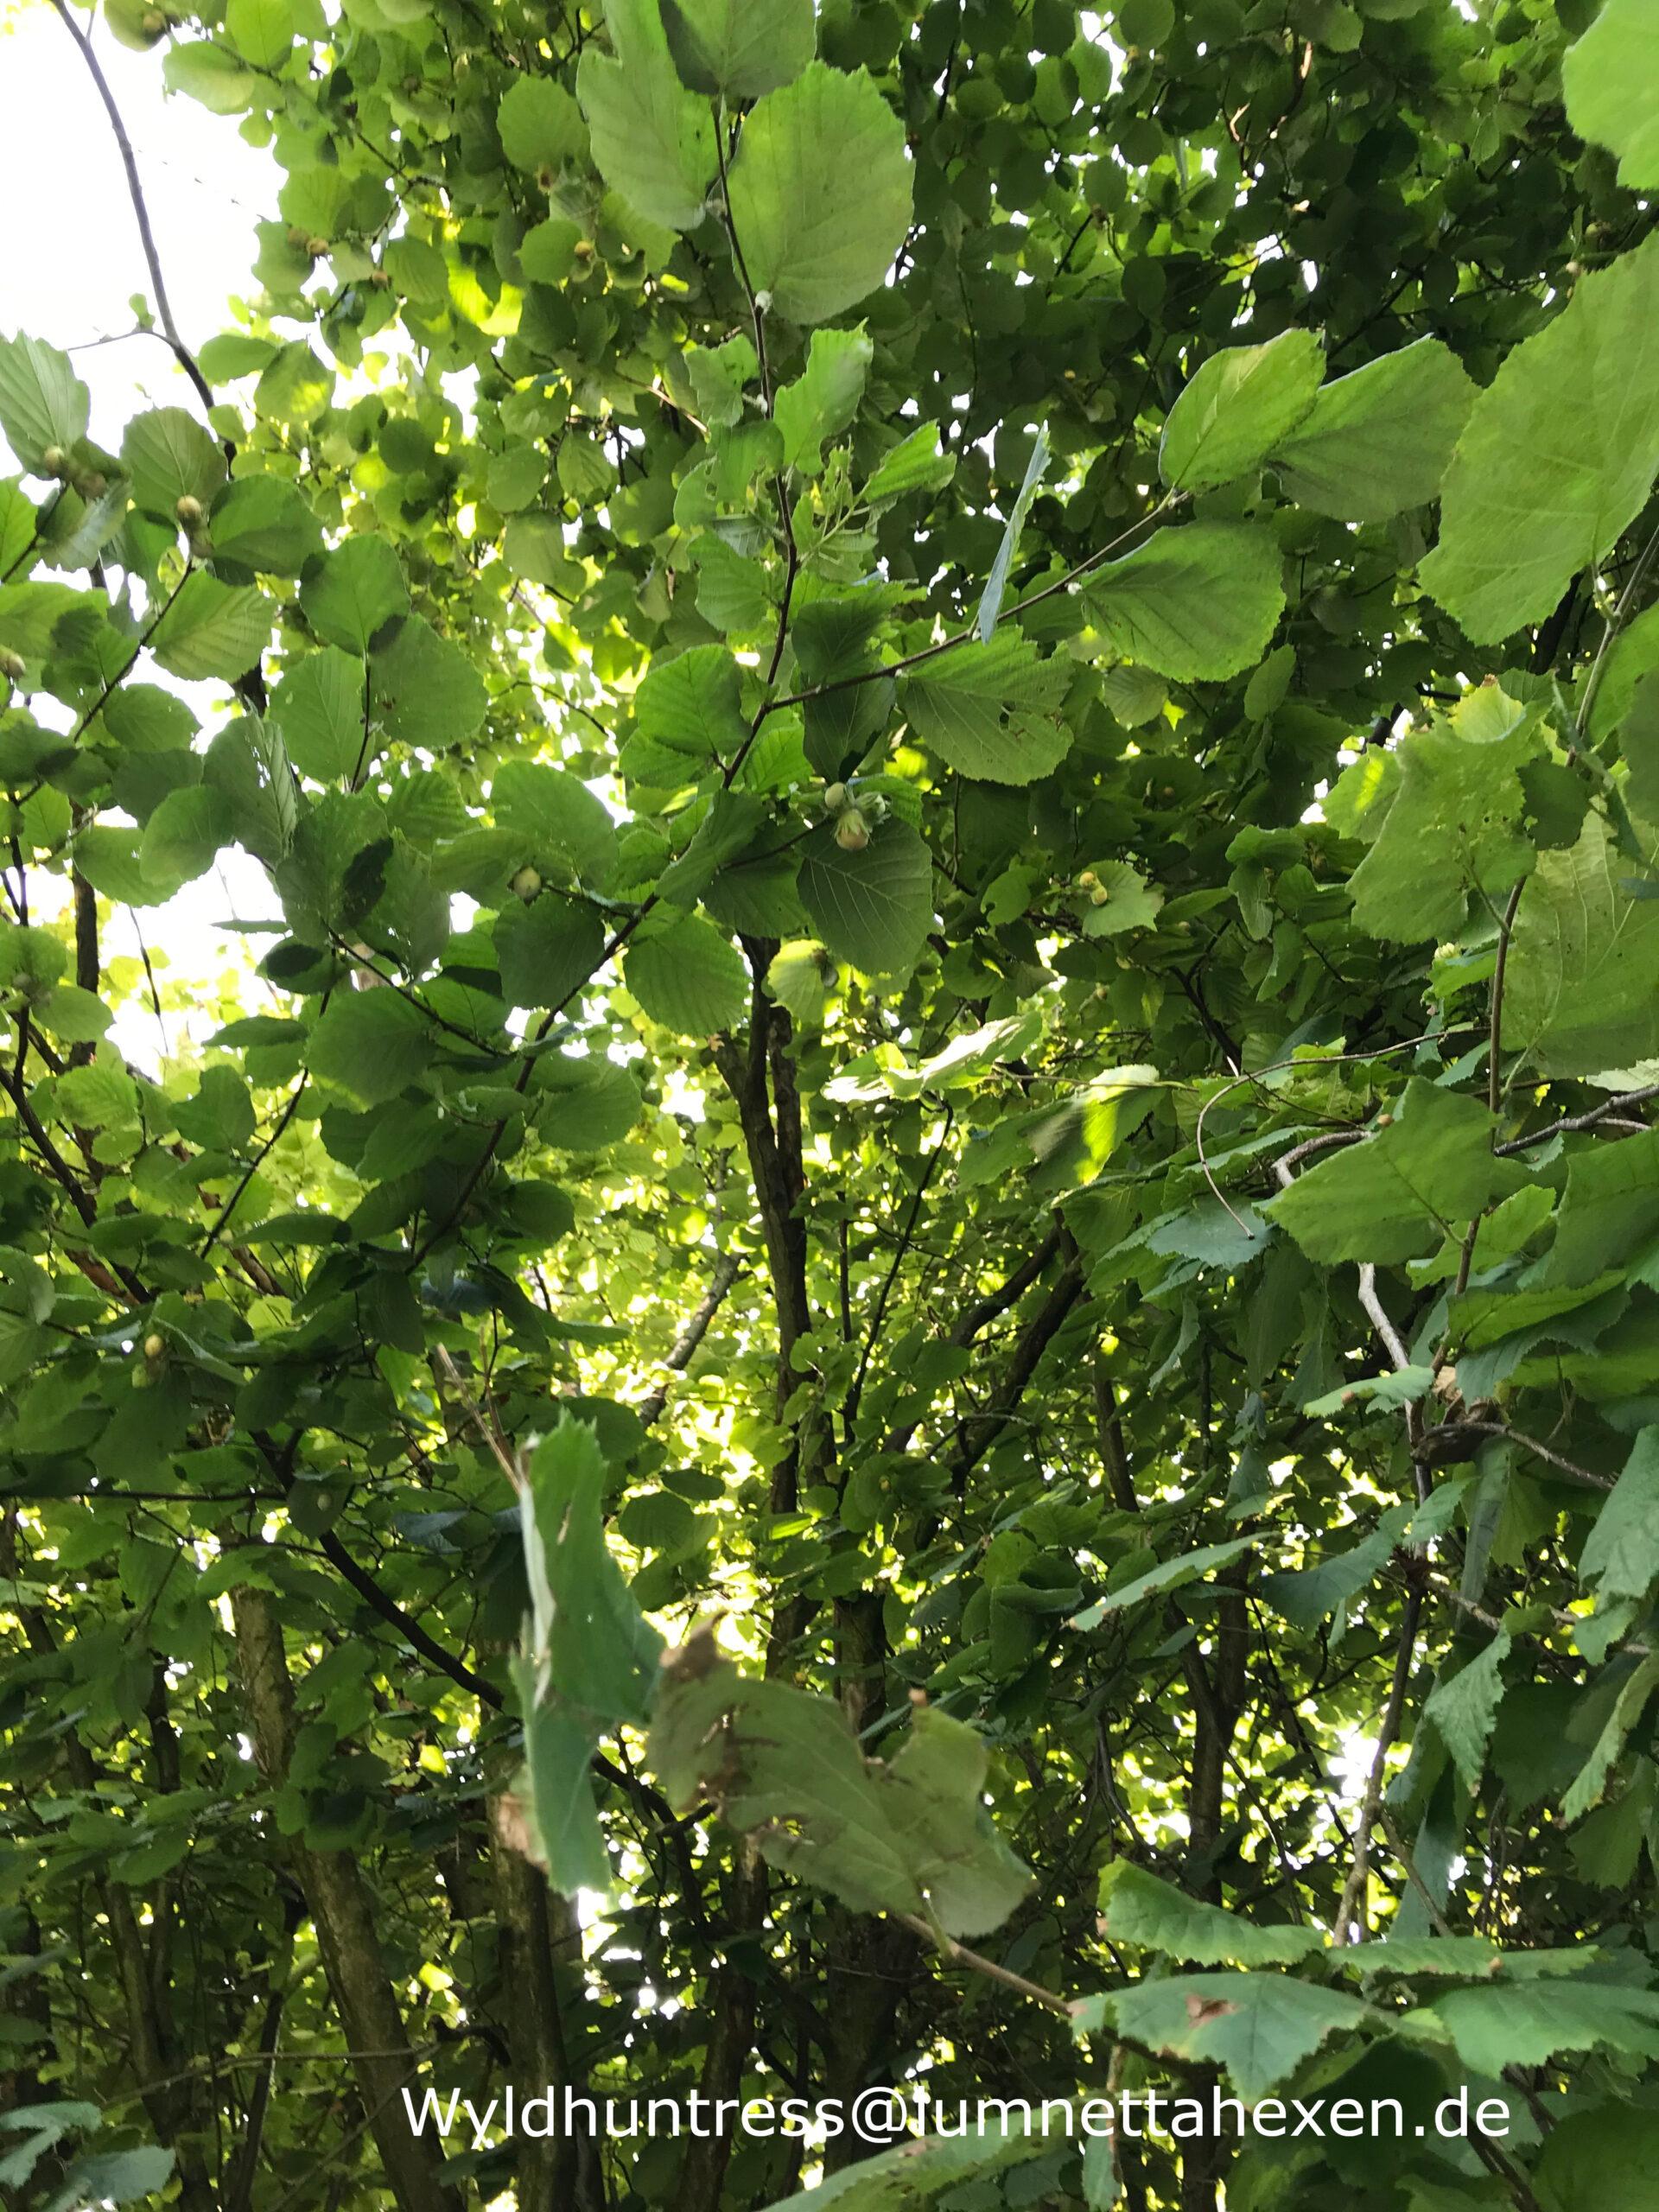 Baumbegegnungen - Die gemeine Hasel (Corylus avellana)